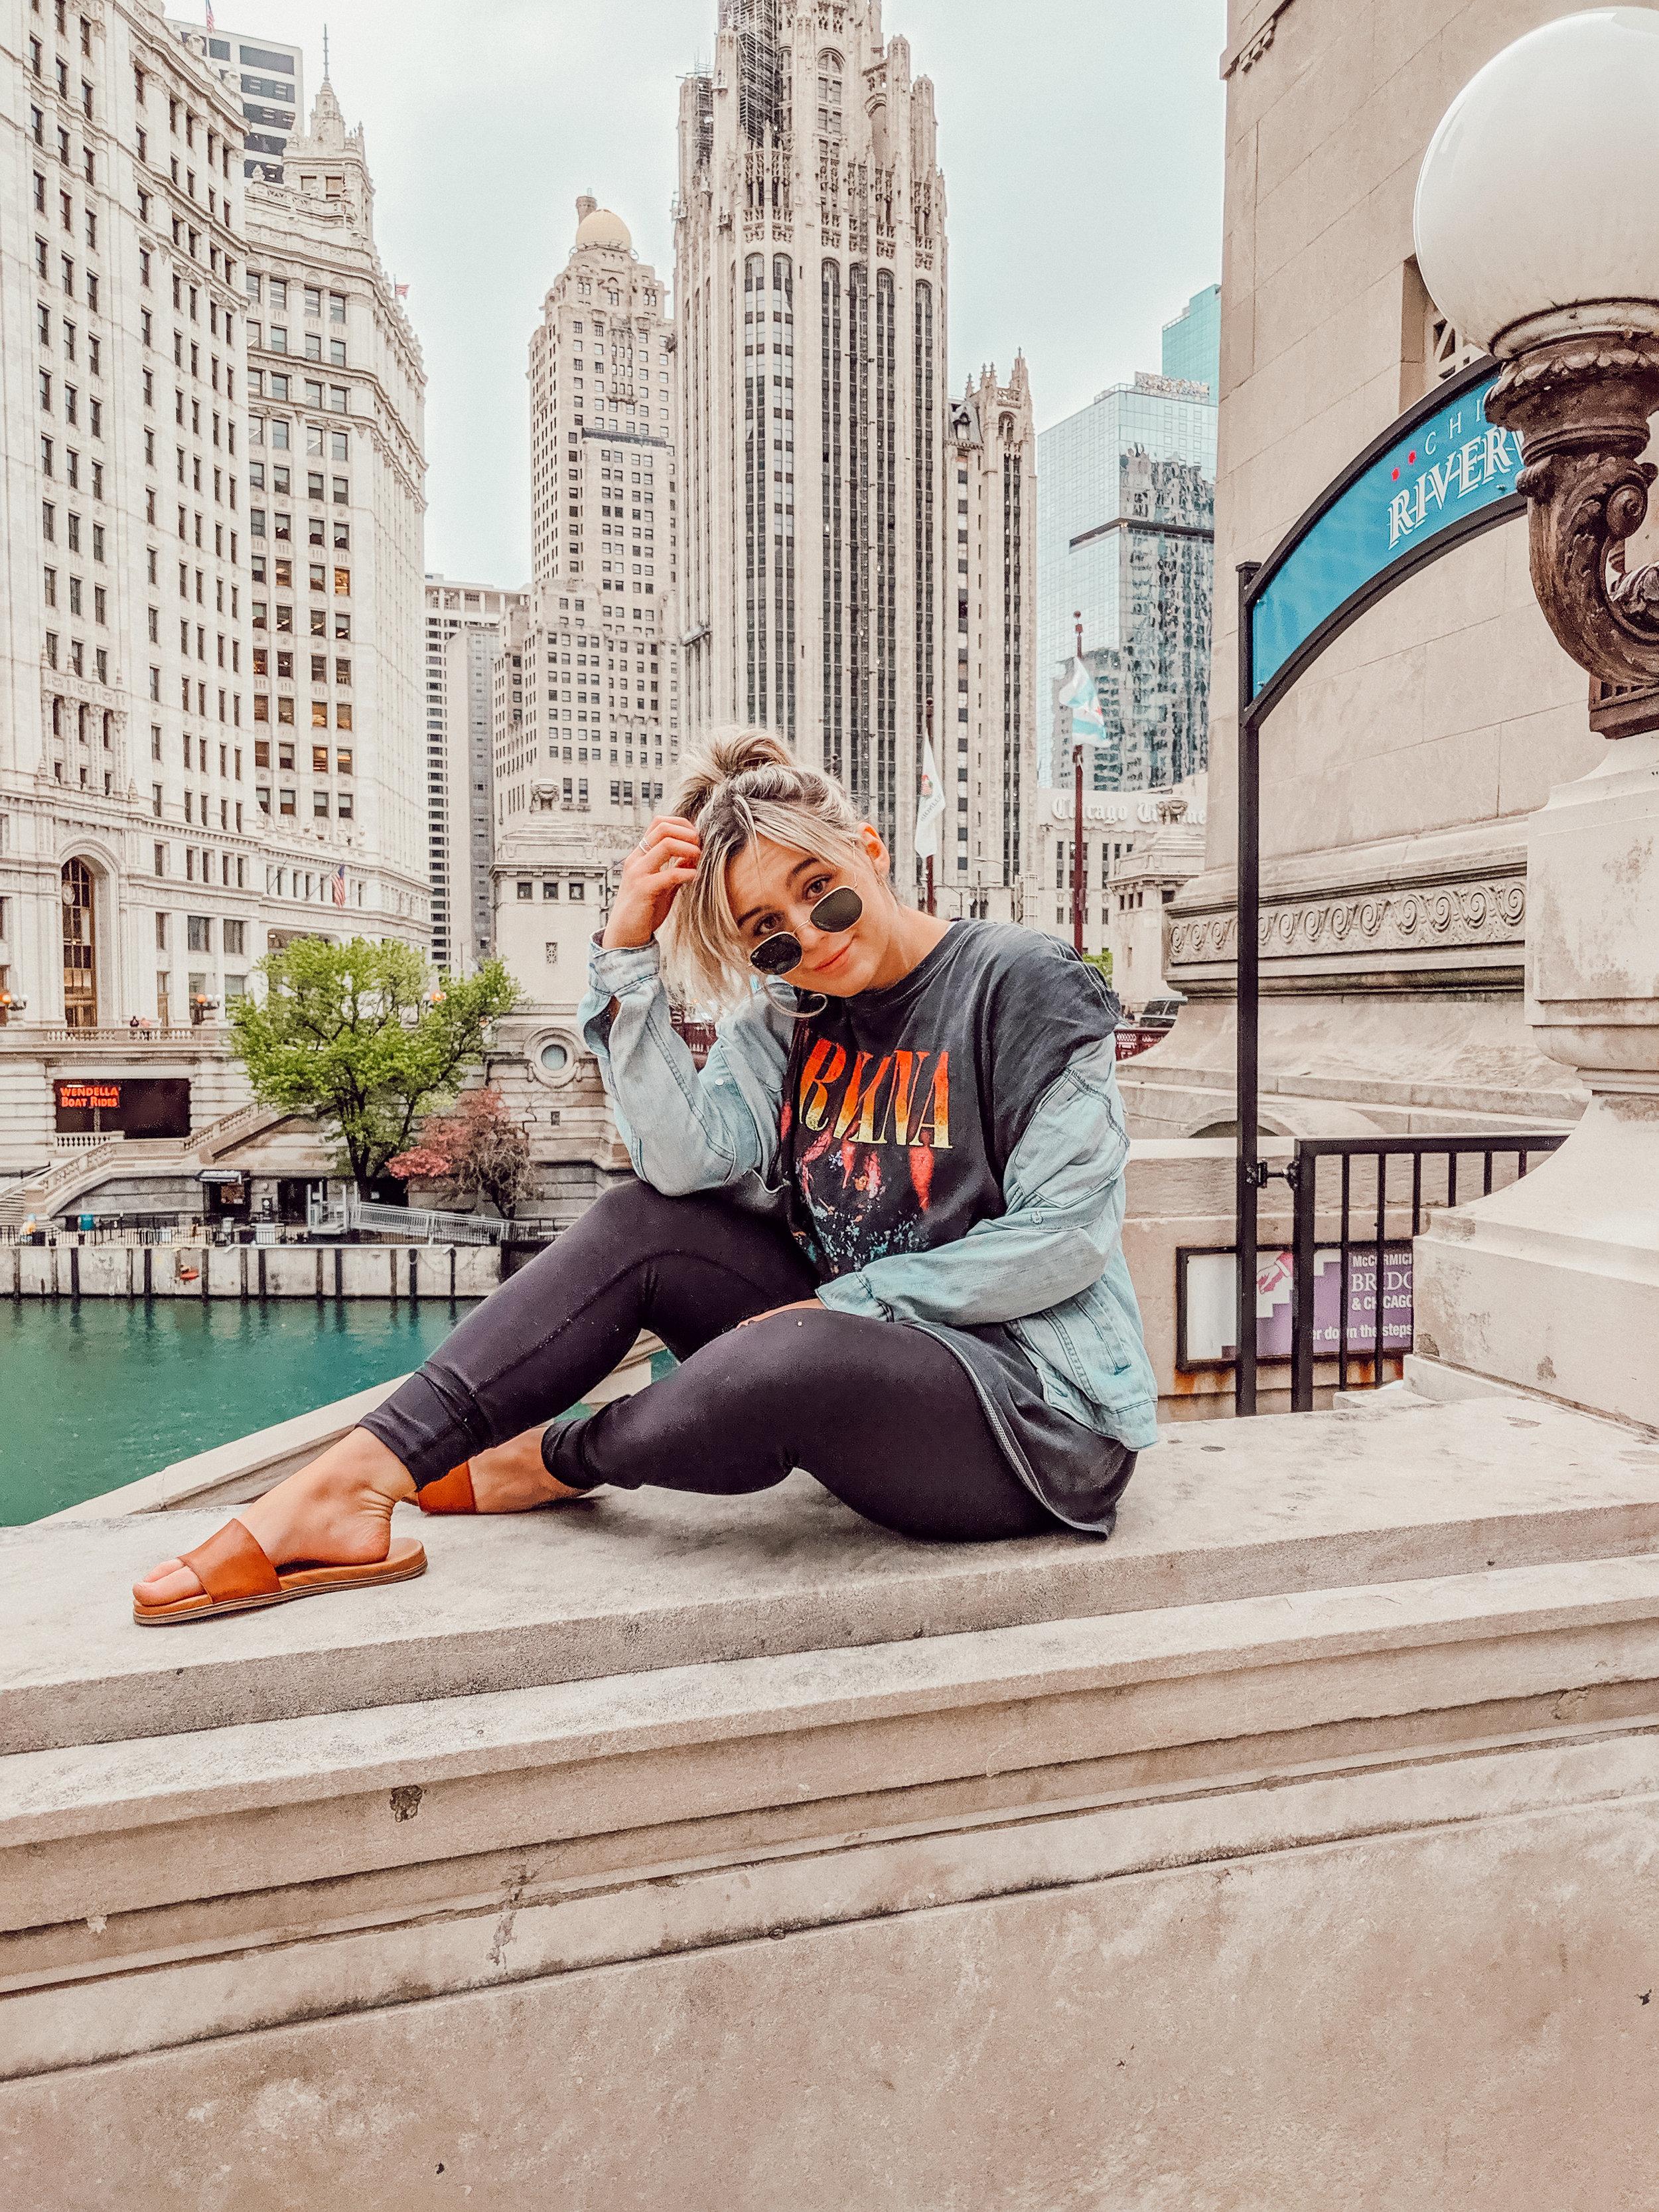 chicago travel guide .jpg